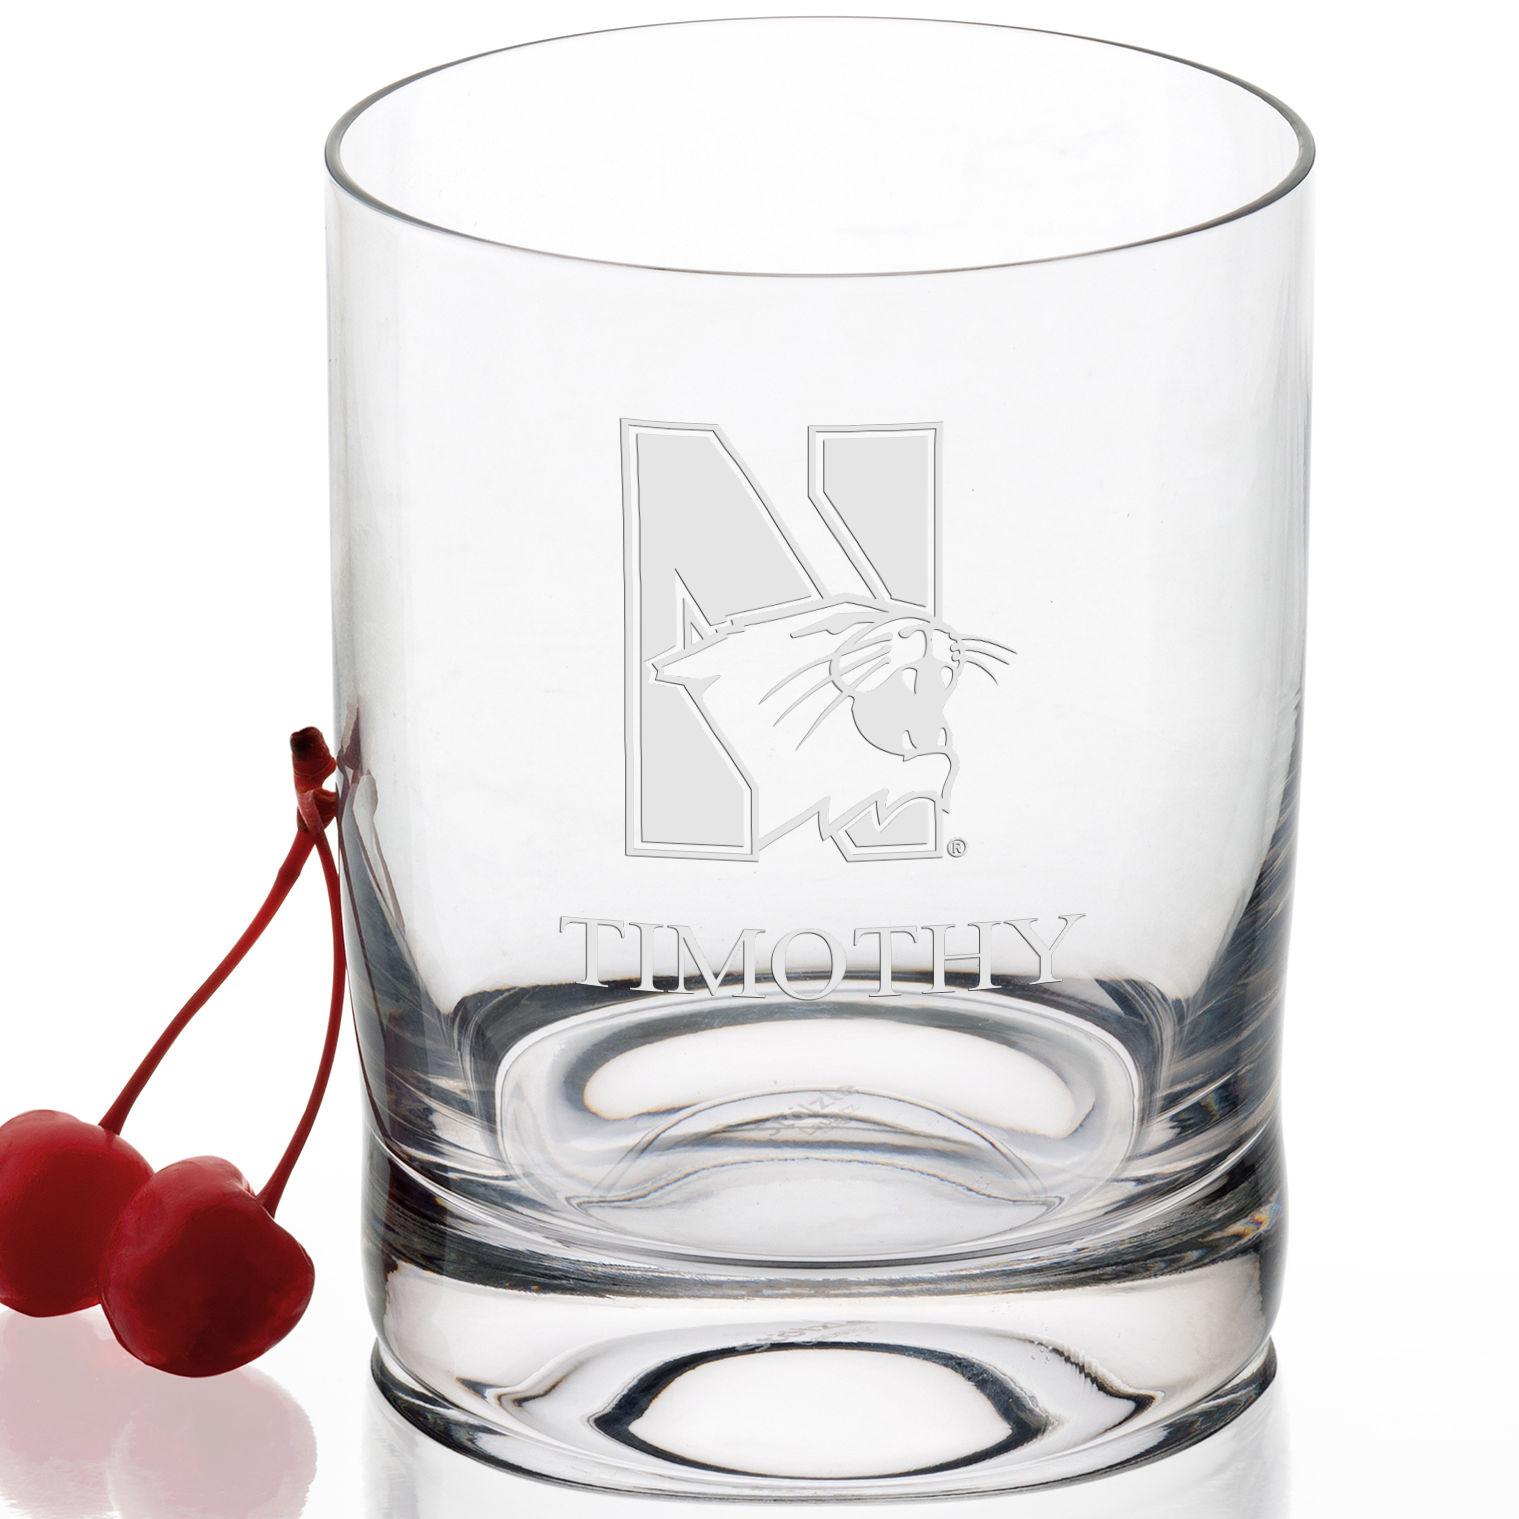 Northwestern University Tumbler Glasses - Set of 4 - Image 2